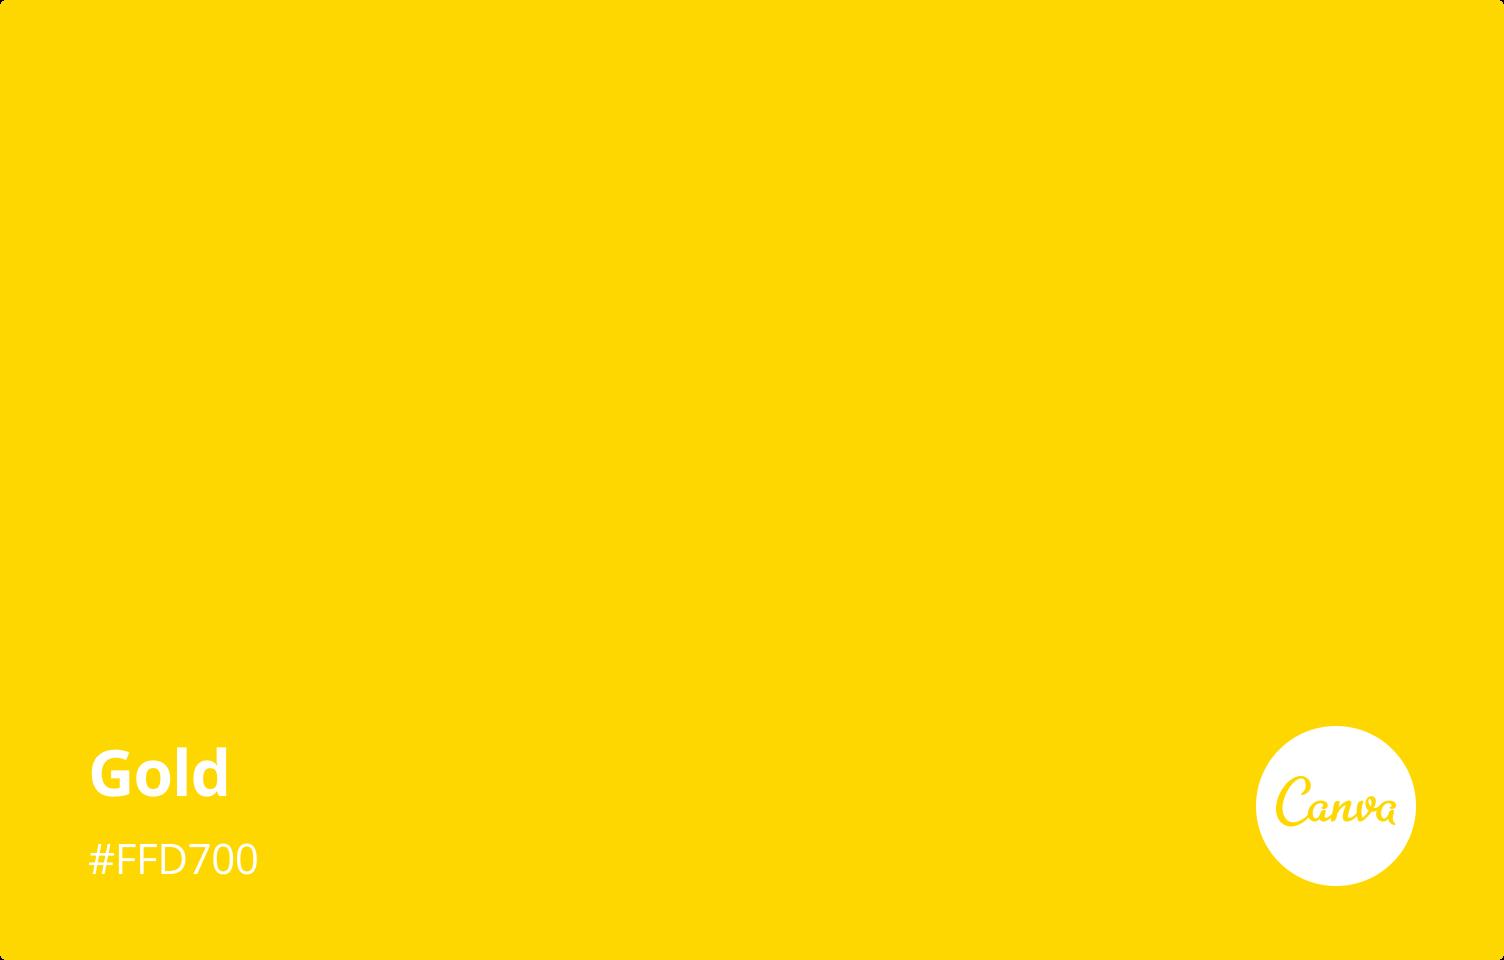 كود اللون الذهبي Cmyk